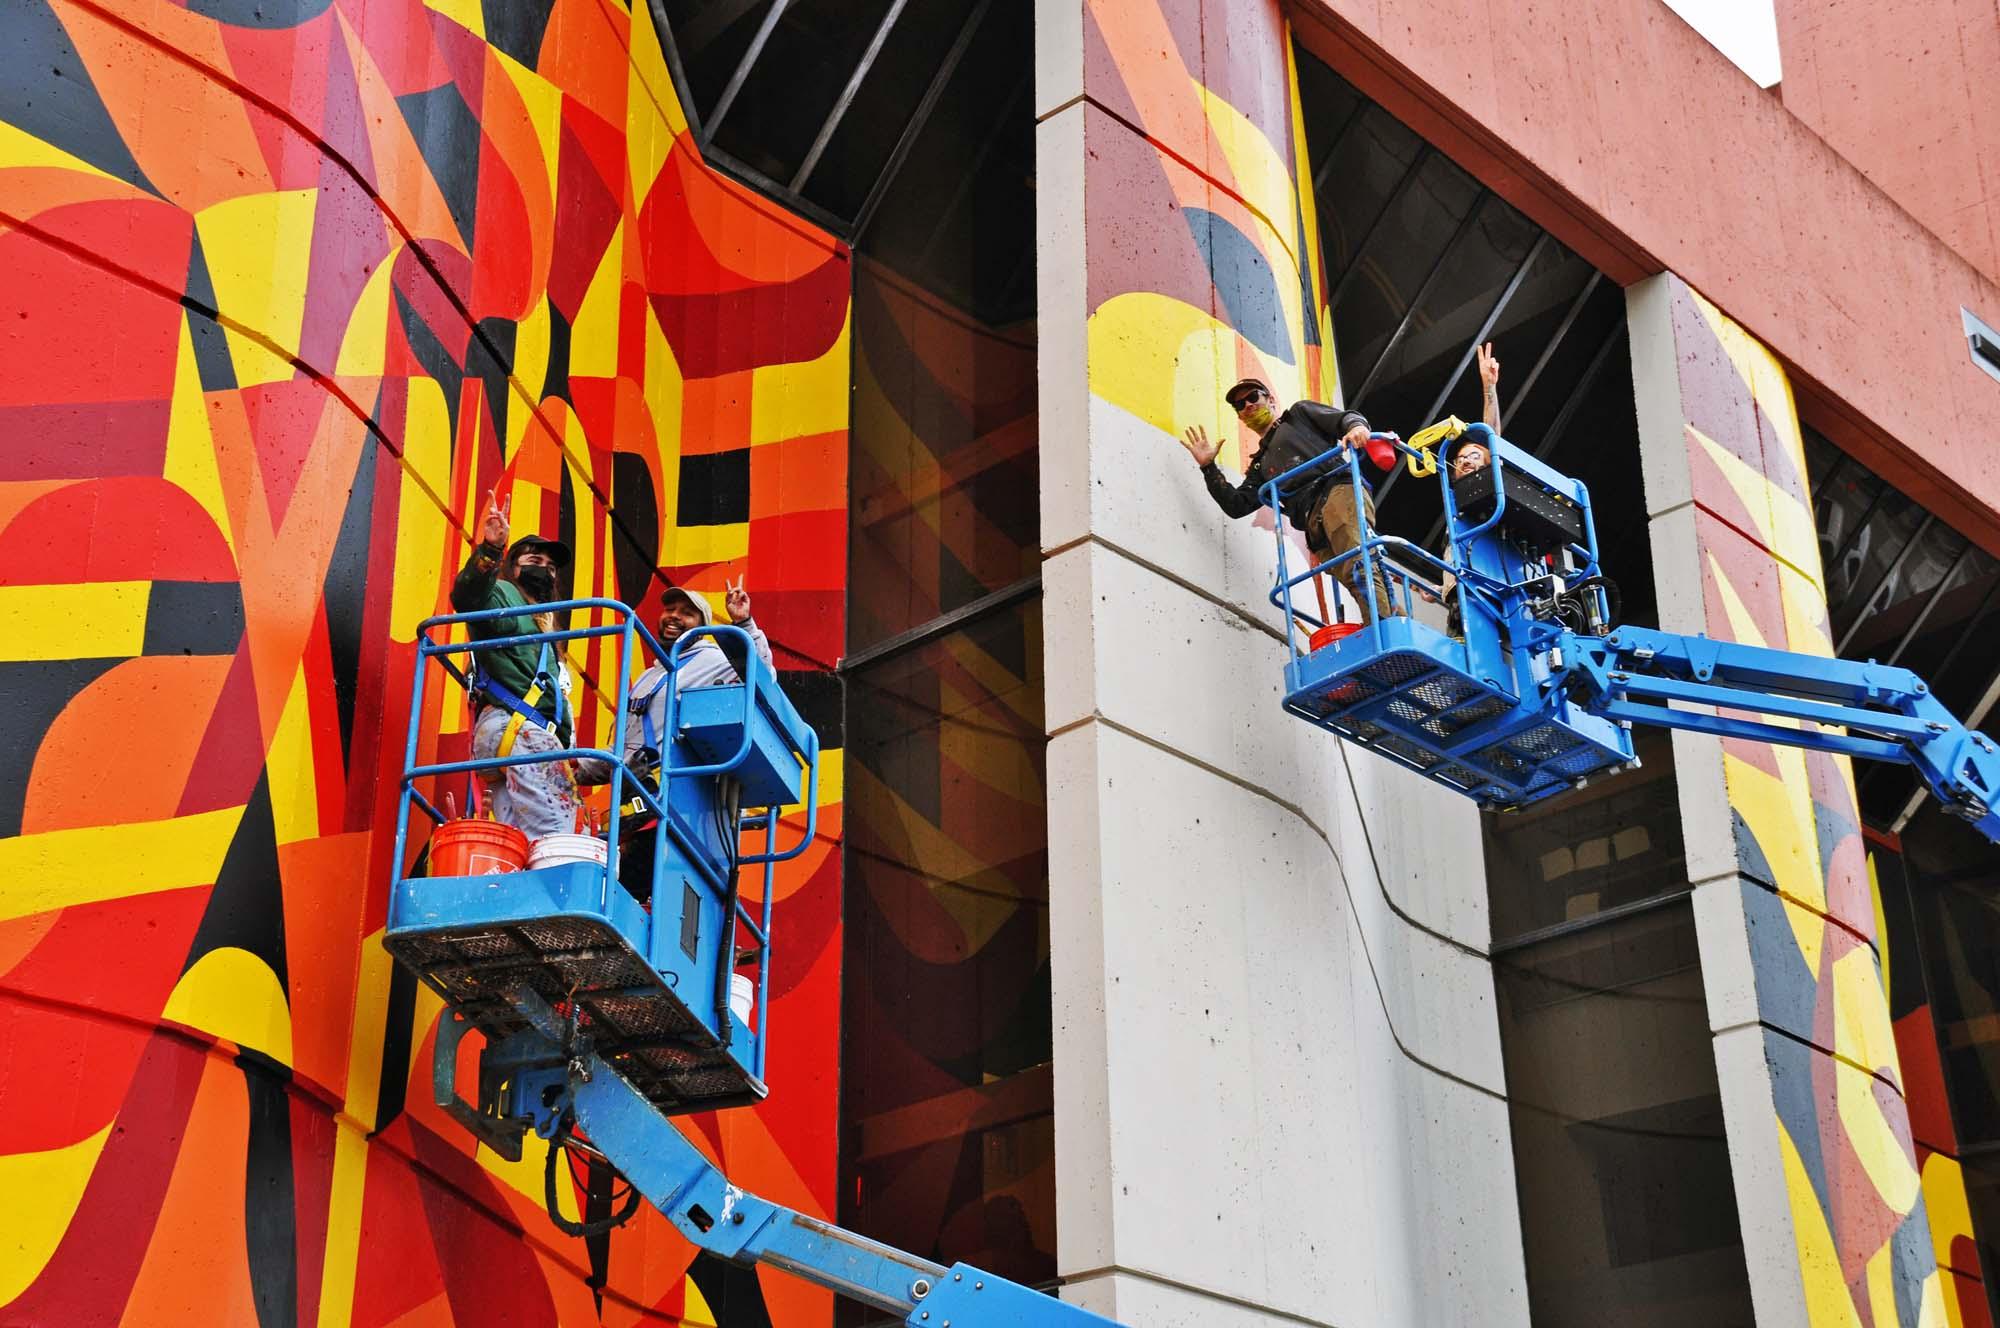 Ryan Adams Mural Art Installation